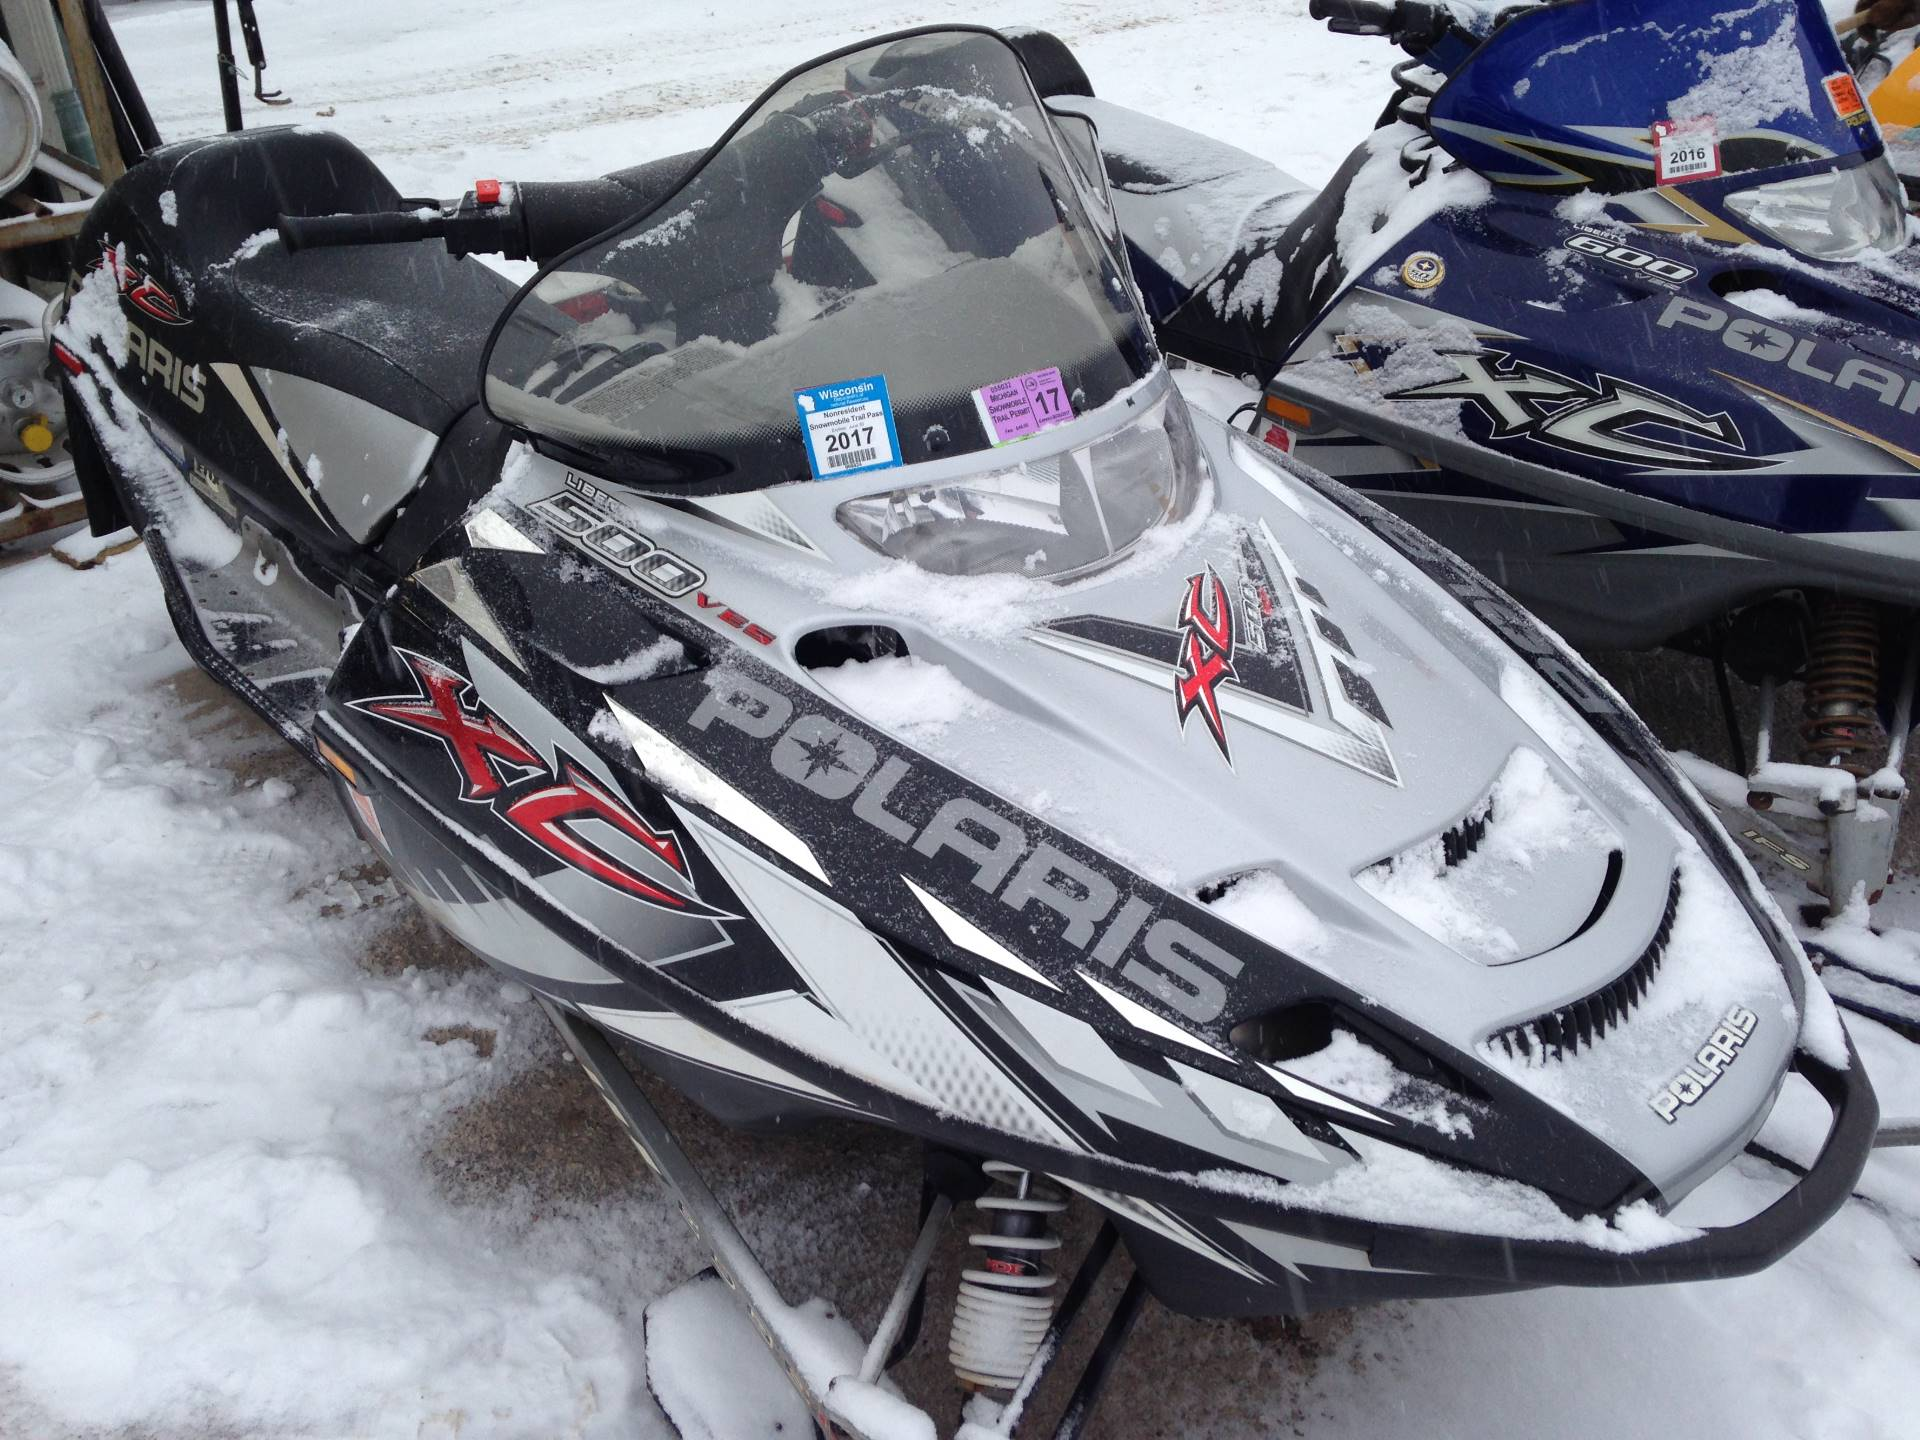 2004 500 XC SP